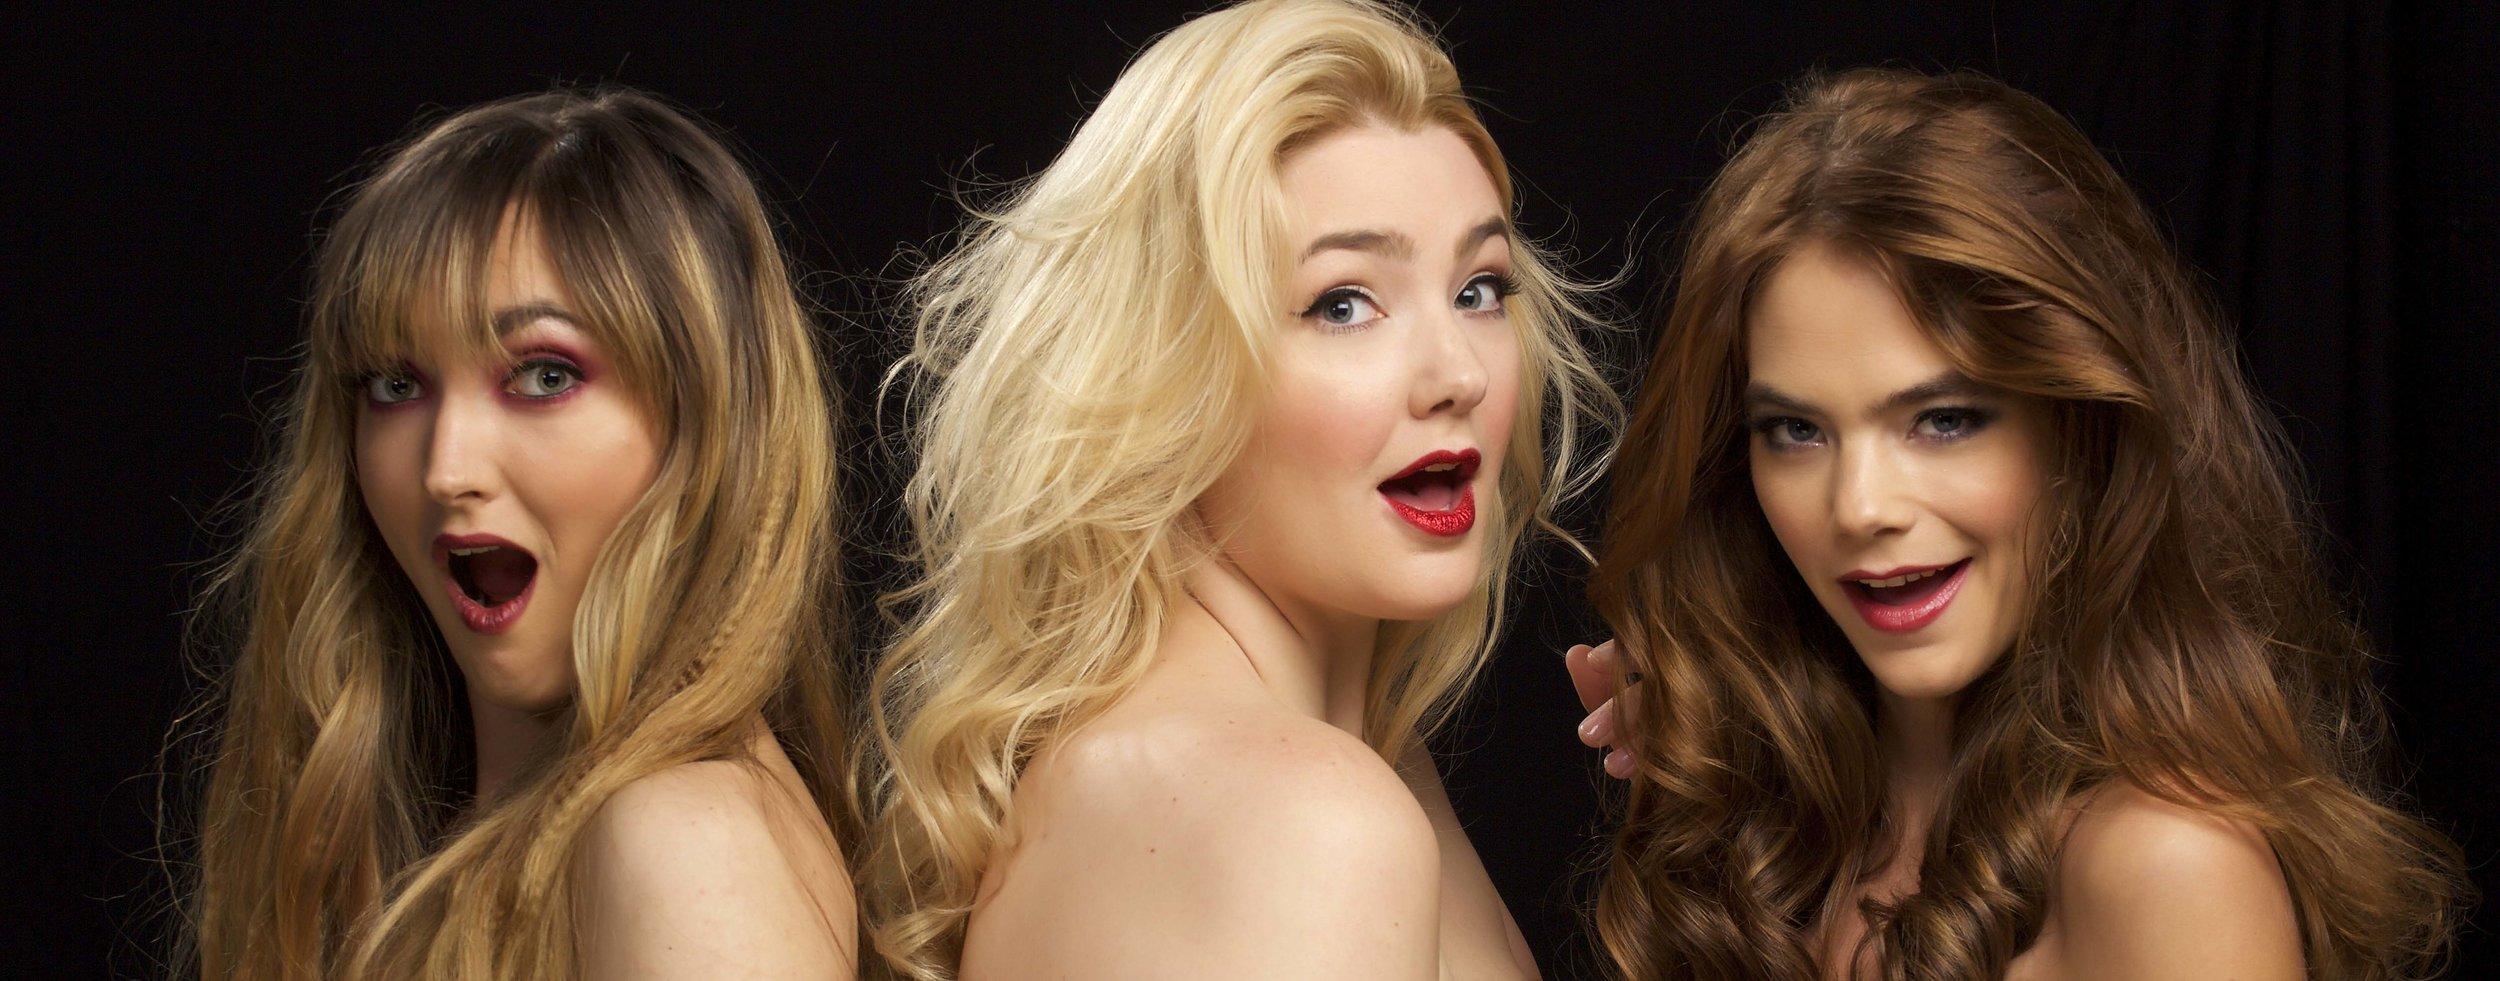 WarPaint Models. Holiday Hair & Makeup 2016